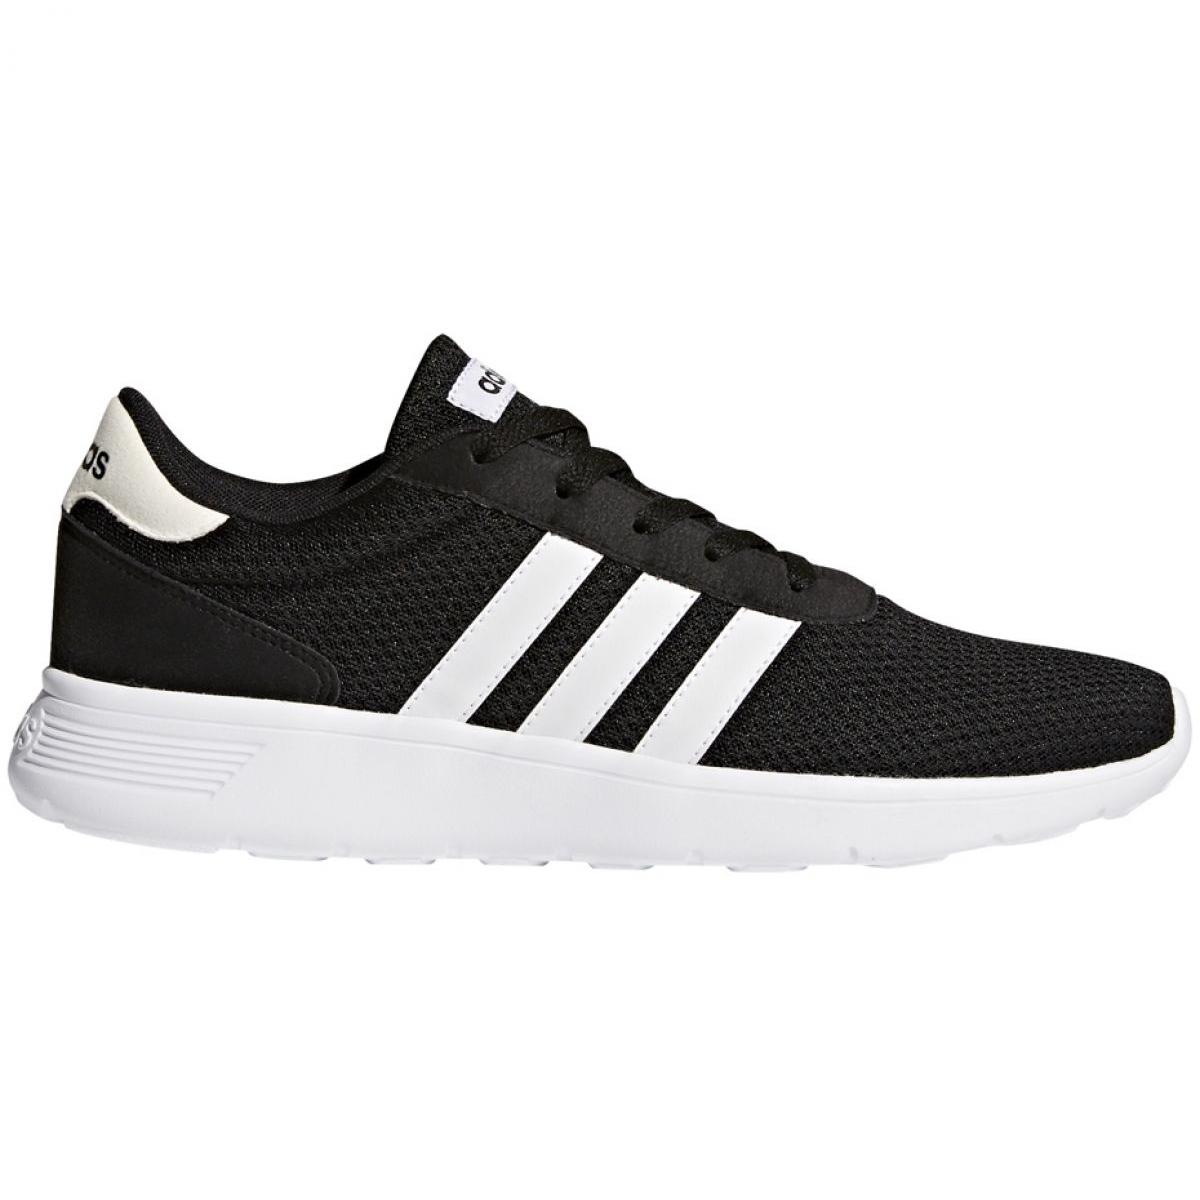 Sapatos Adidas Lite Racer M BB9774 preto